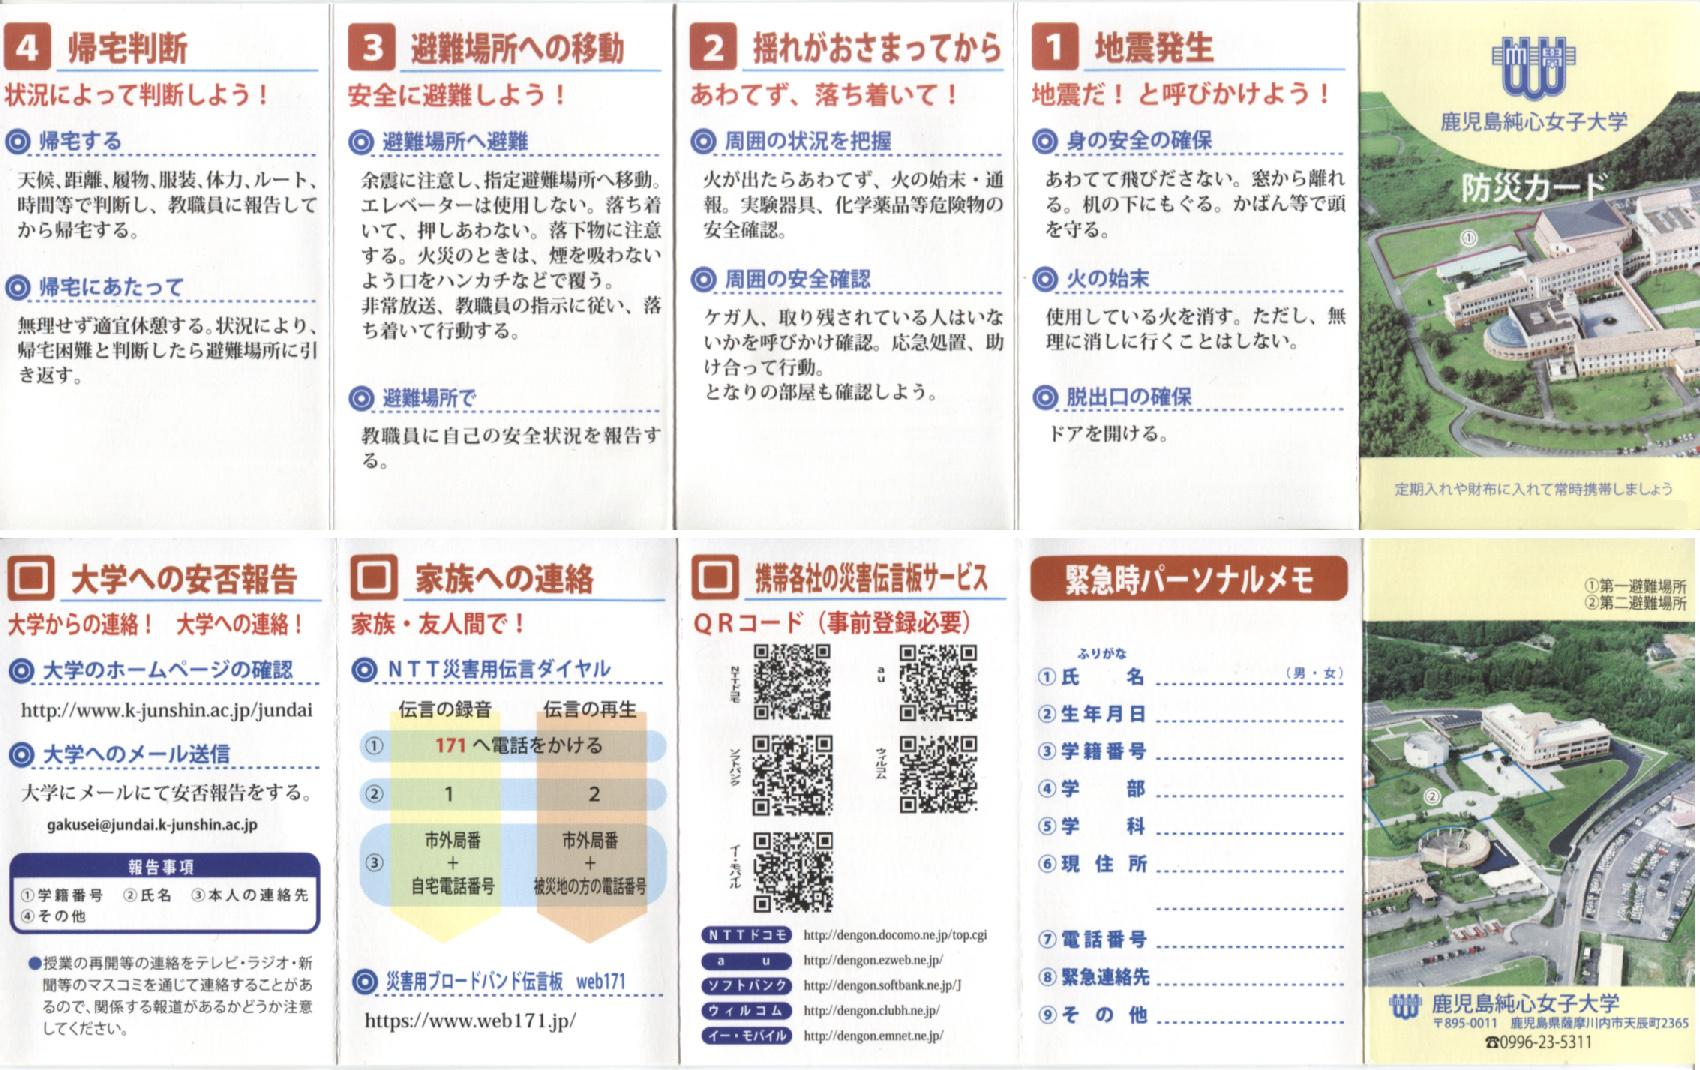 【地震への対応について(学内・授業中の場合)】